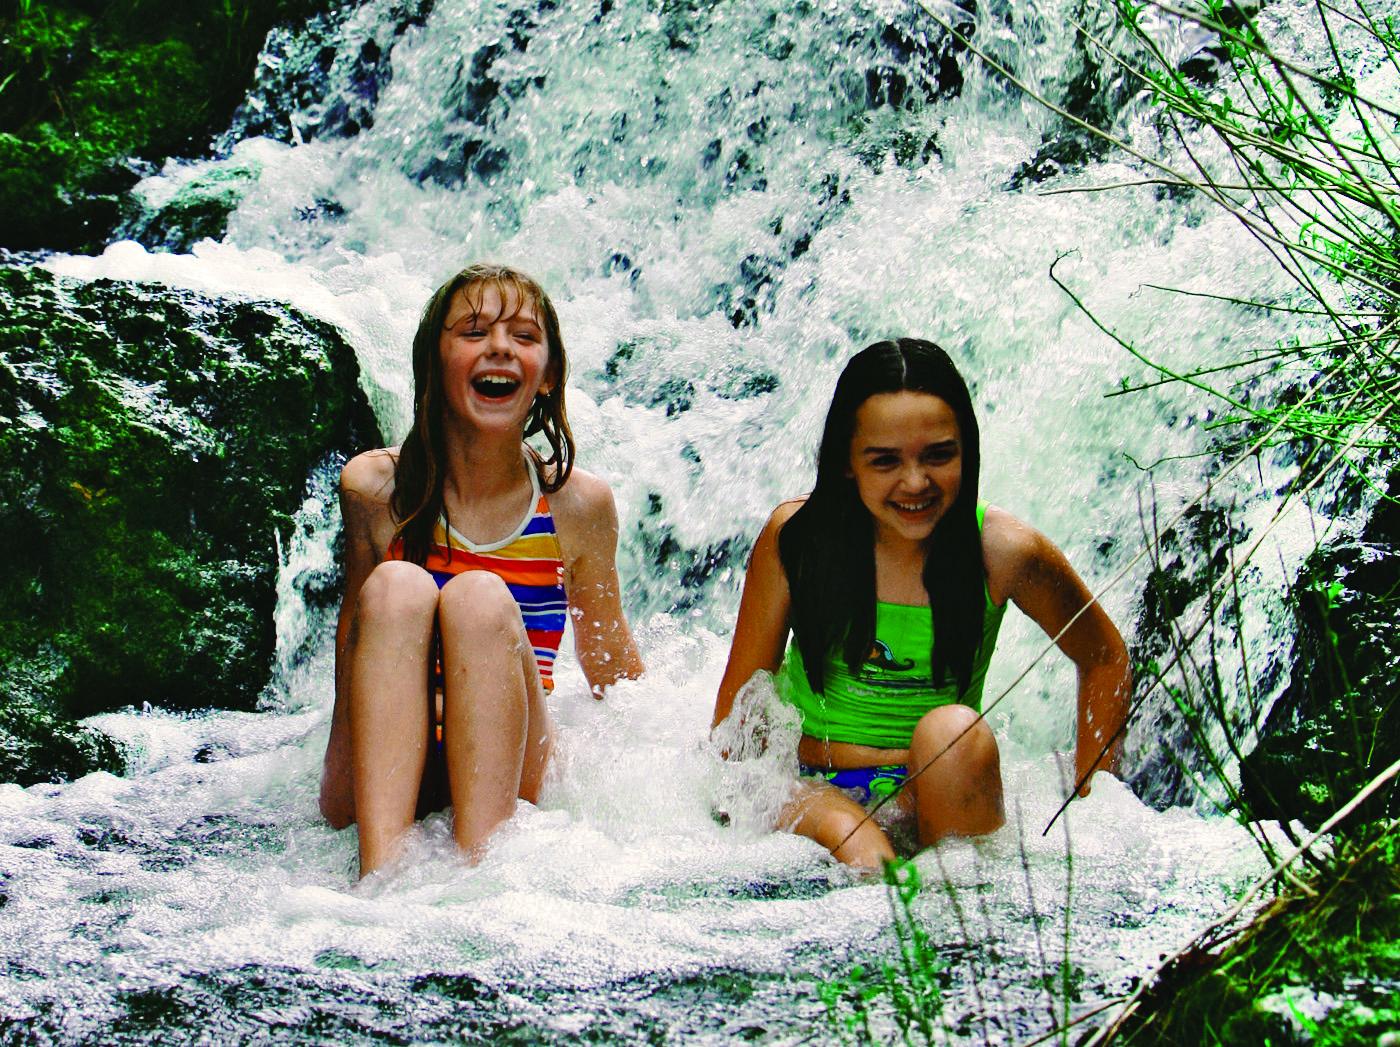 Two kids splashing in a waterfall.